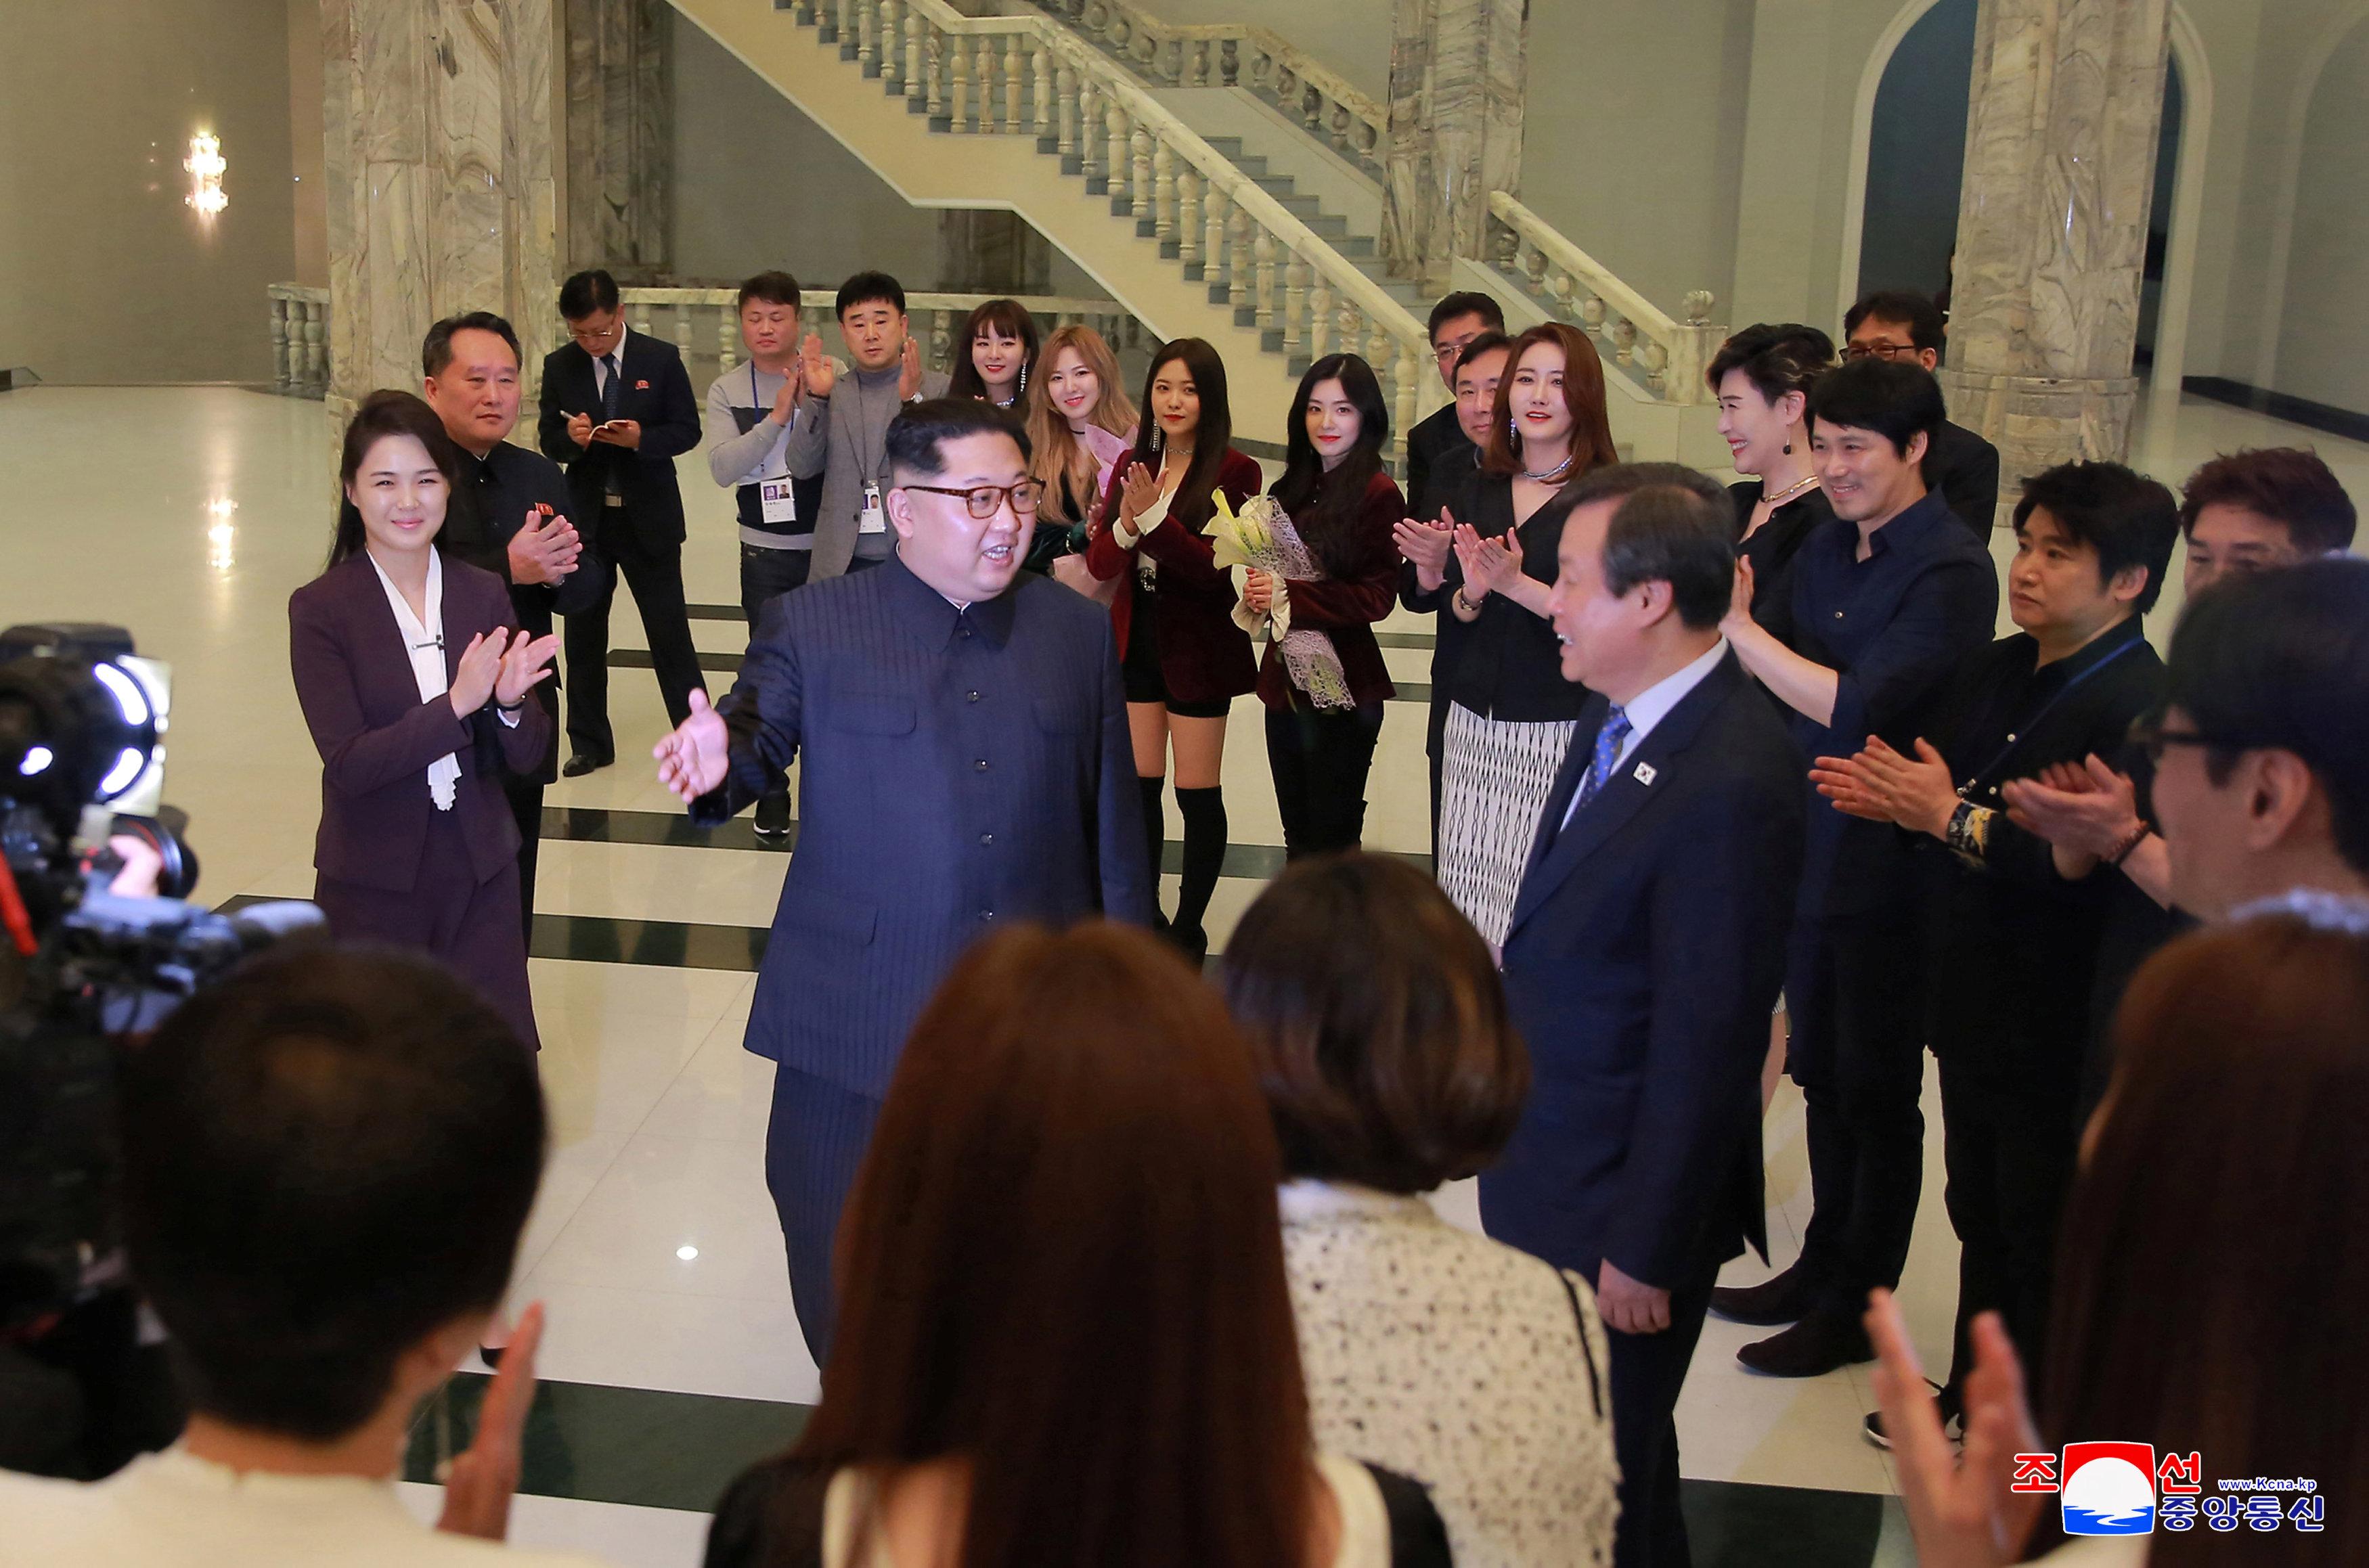 """El líder norcoreano Kim Jong Un y su esposa Ri Sol Ju disfrutaron de una actuación de cantantes surcoreanos de K-pop en un concierto bajo el título """"Spring is Coming"""" en el Gran Teatro East Pyongyang en Corea del Norte el 1 de abril en esta foto lanzada por Agencia Central de Noticias de Corea del Norte (KCNA) en Pyongyang 2 de abril de 2018. KCNA / vía Reuters EDITORES DE ATENCIÓN - ESTA IMAGEN FUE PROPORCIONADA POR UN TERCERO. REUTERS NO PUEDE VERIFICAR INDEPENDIENTEMENTE ESTA IMAGEN. NO HAY VENTAS DE TERCEROS. NO PARA EL USO POR LOS DISTRIBUIDORES DE TERCEROS DE REUTERS. COREA DEL SUR HACIA FUERA."""